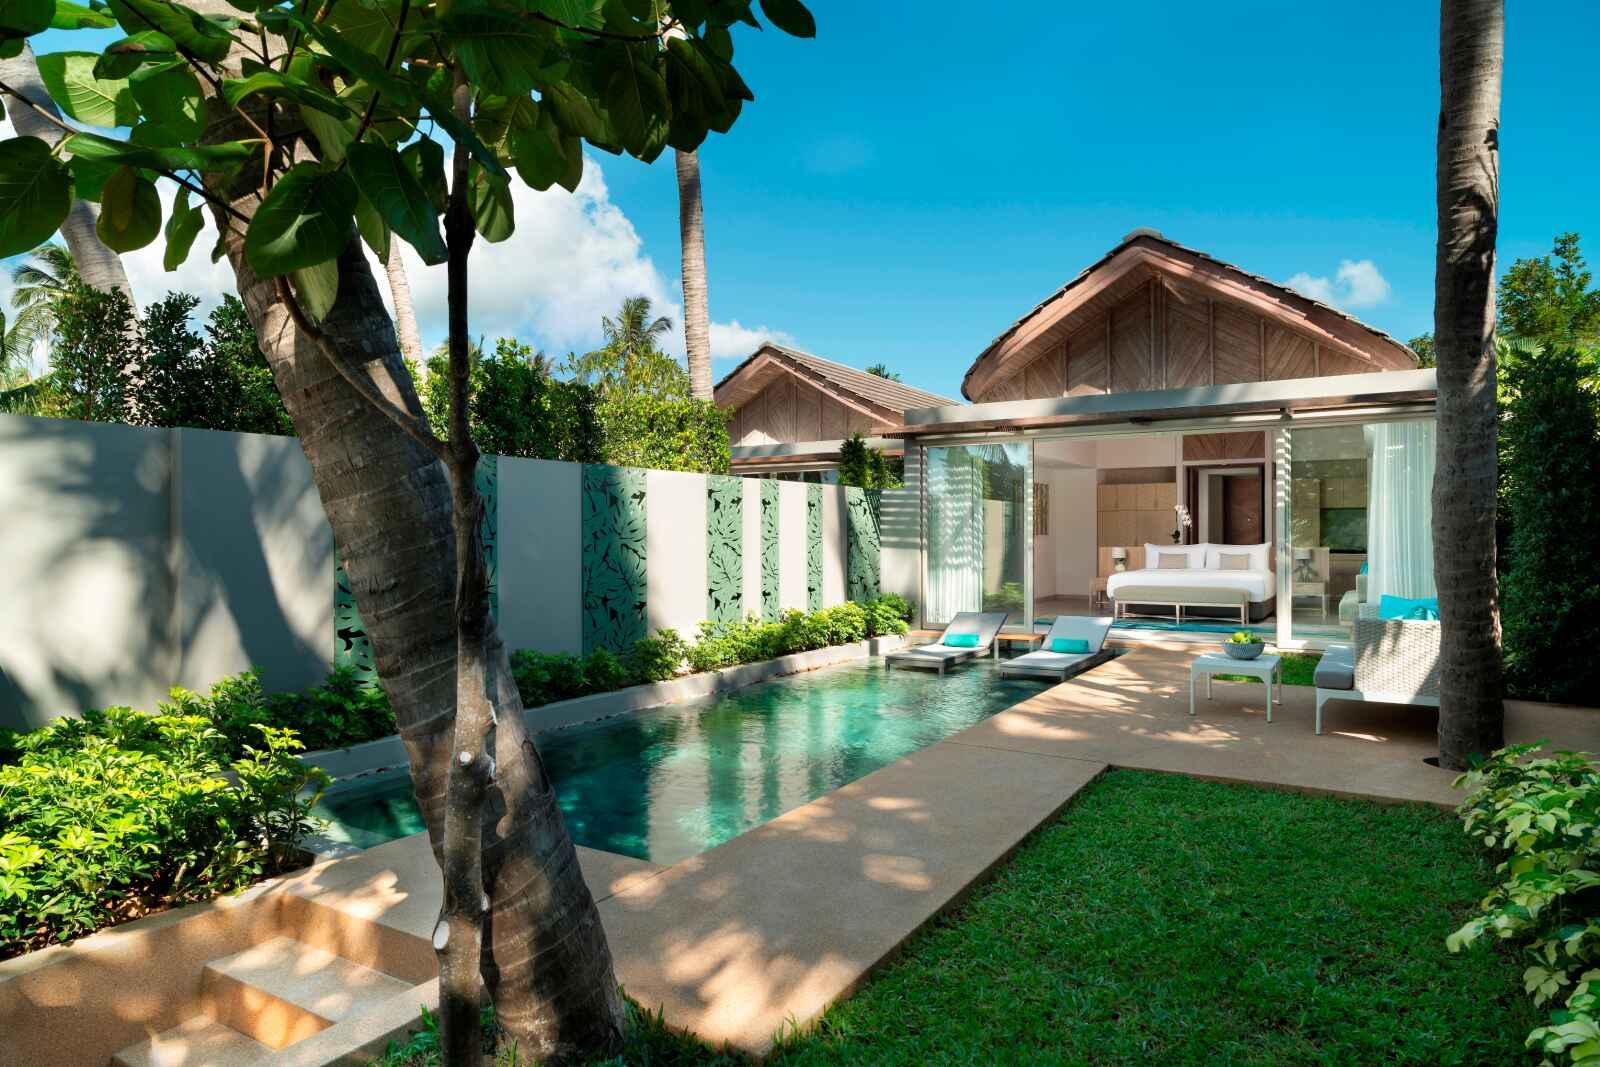 Thaïlande - Koh Samui - Hôtel AVANI+ Samui Resort 5*